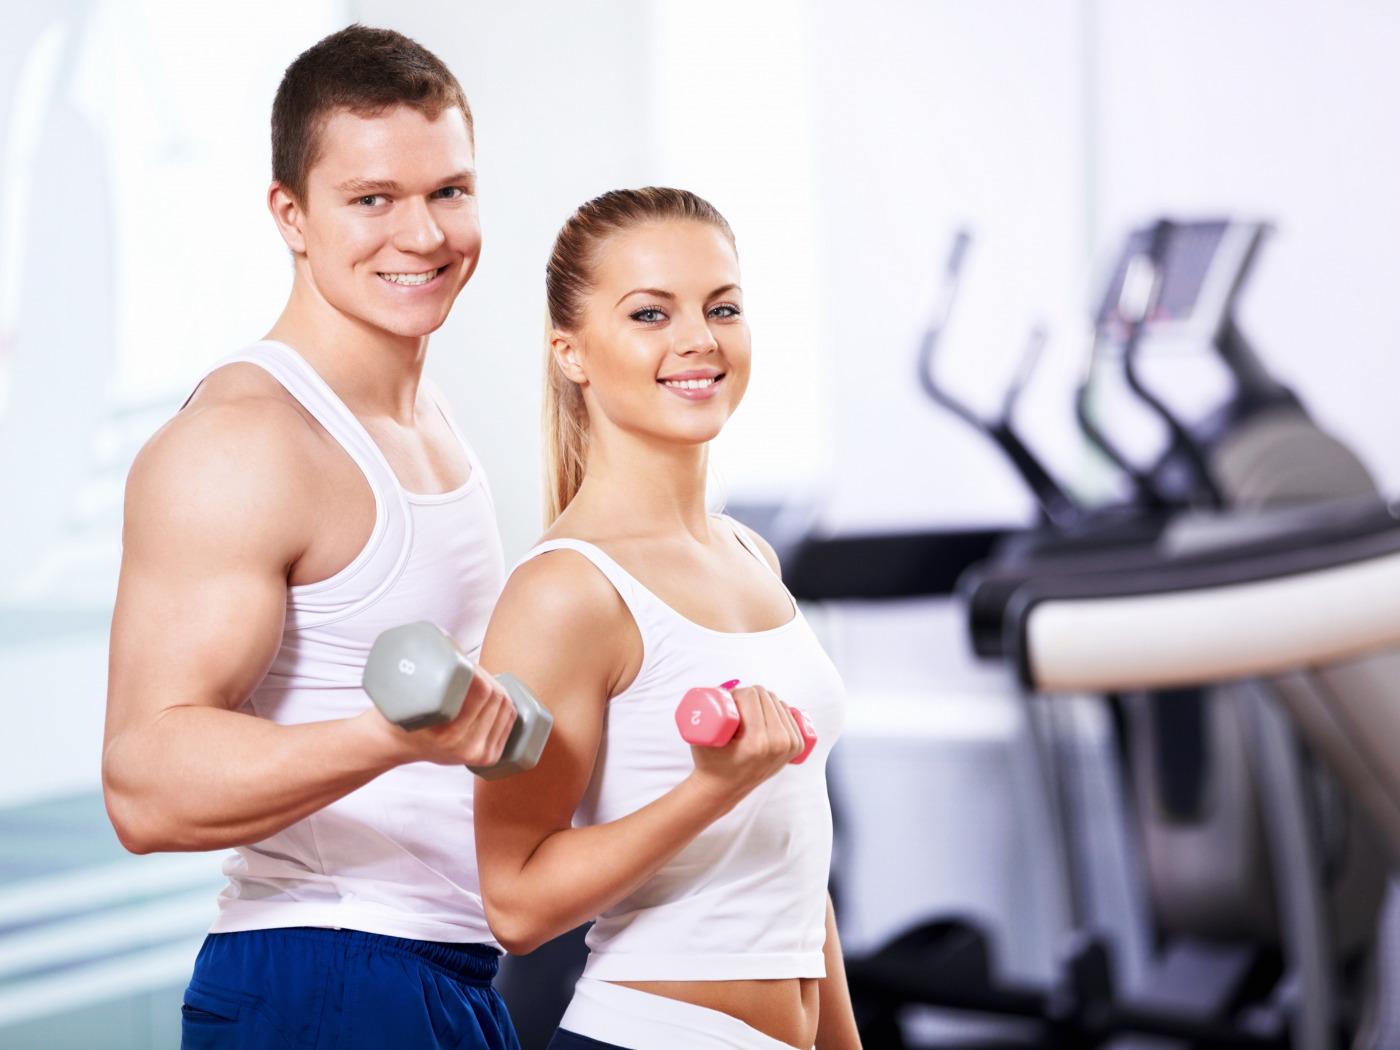 физкультура и вес